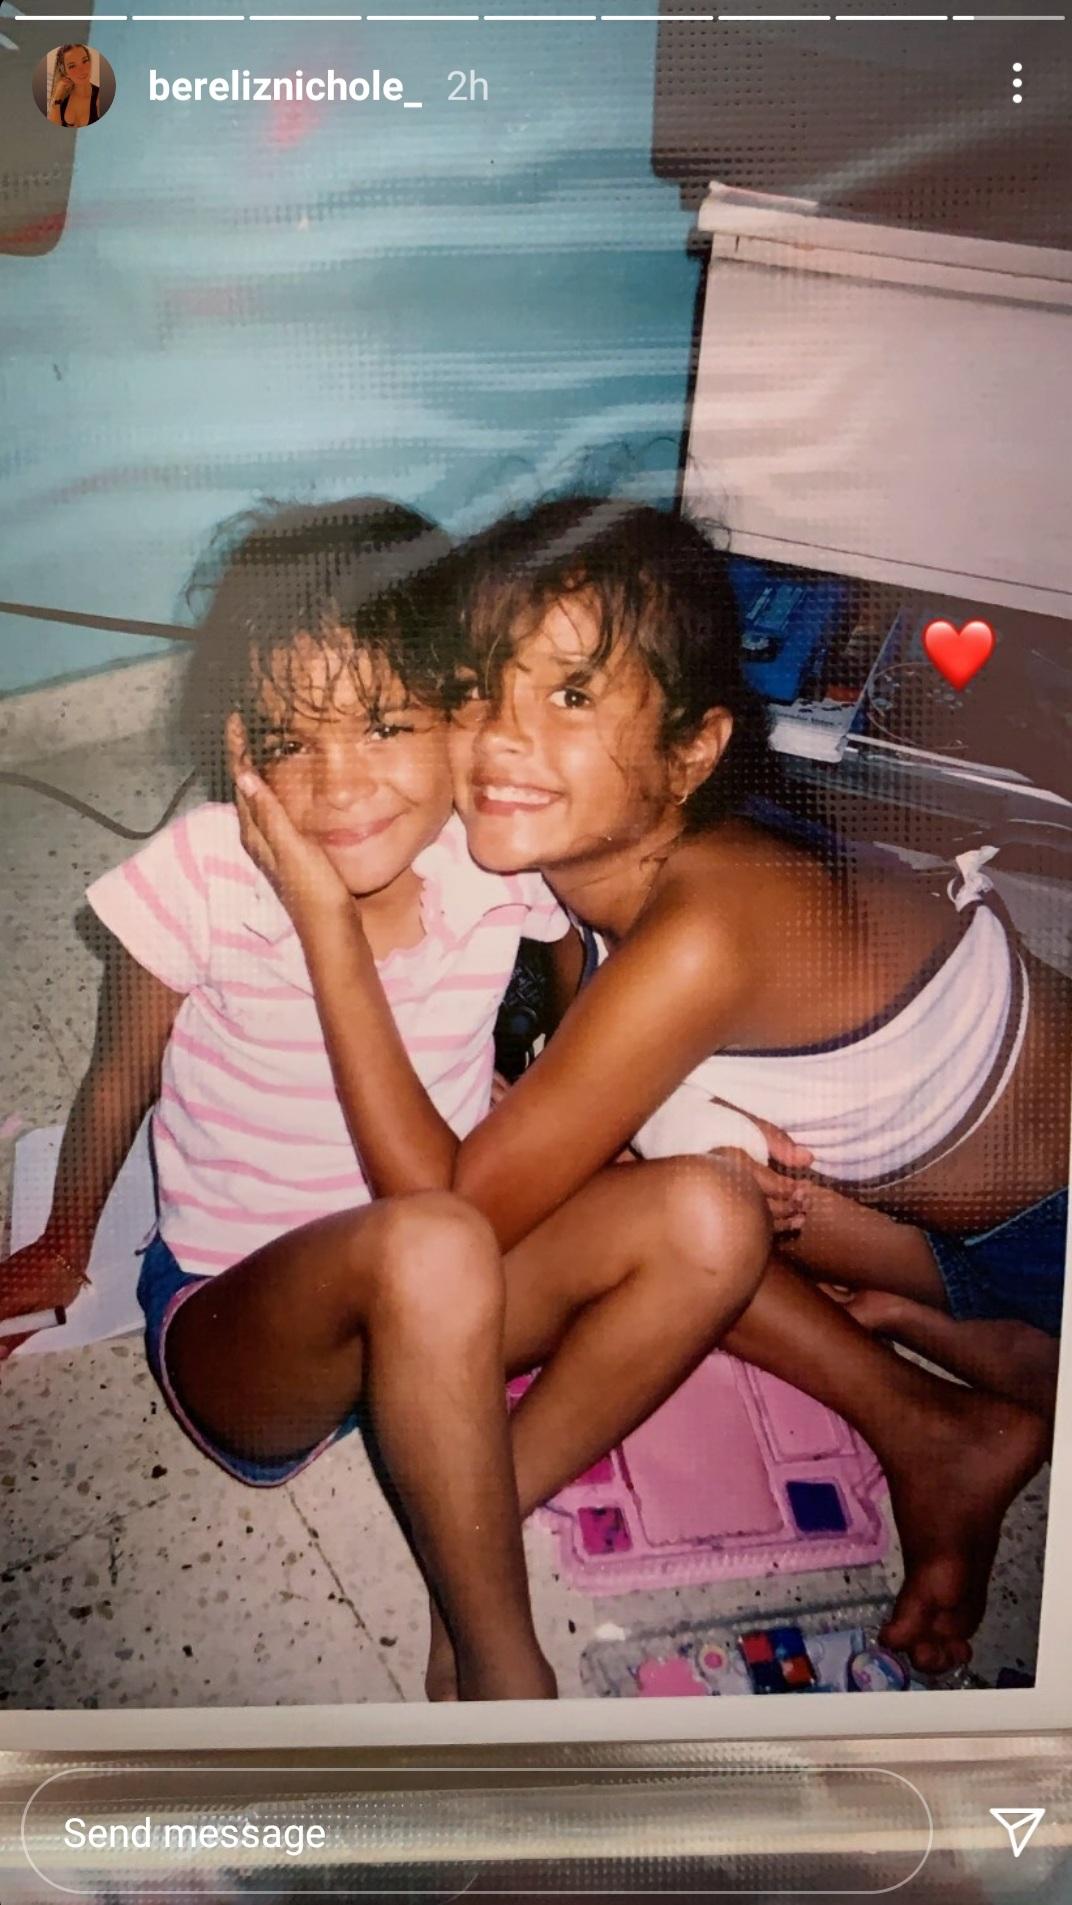 Keishla Rodriguez y su hermana Bereliz Nichole en Puerto Rico